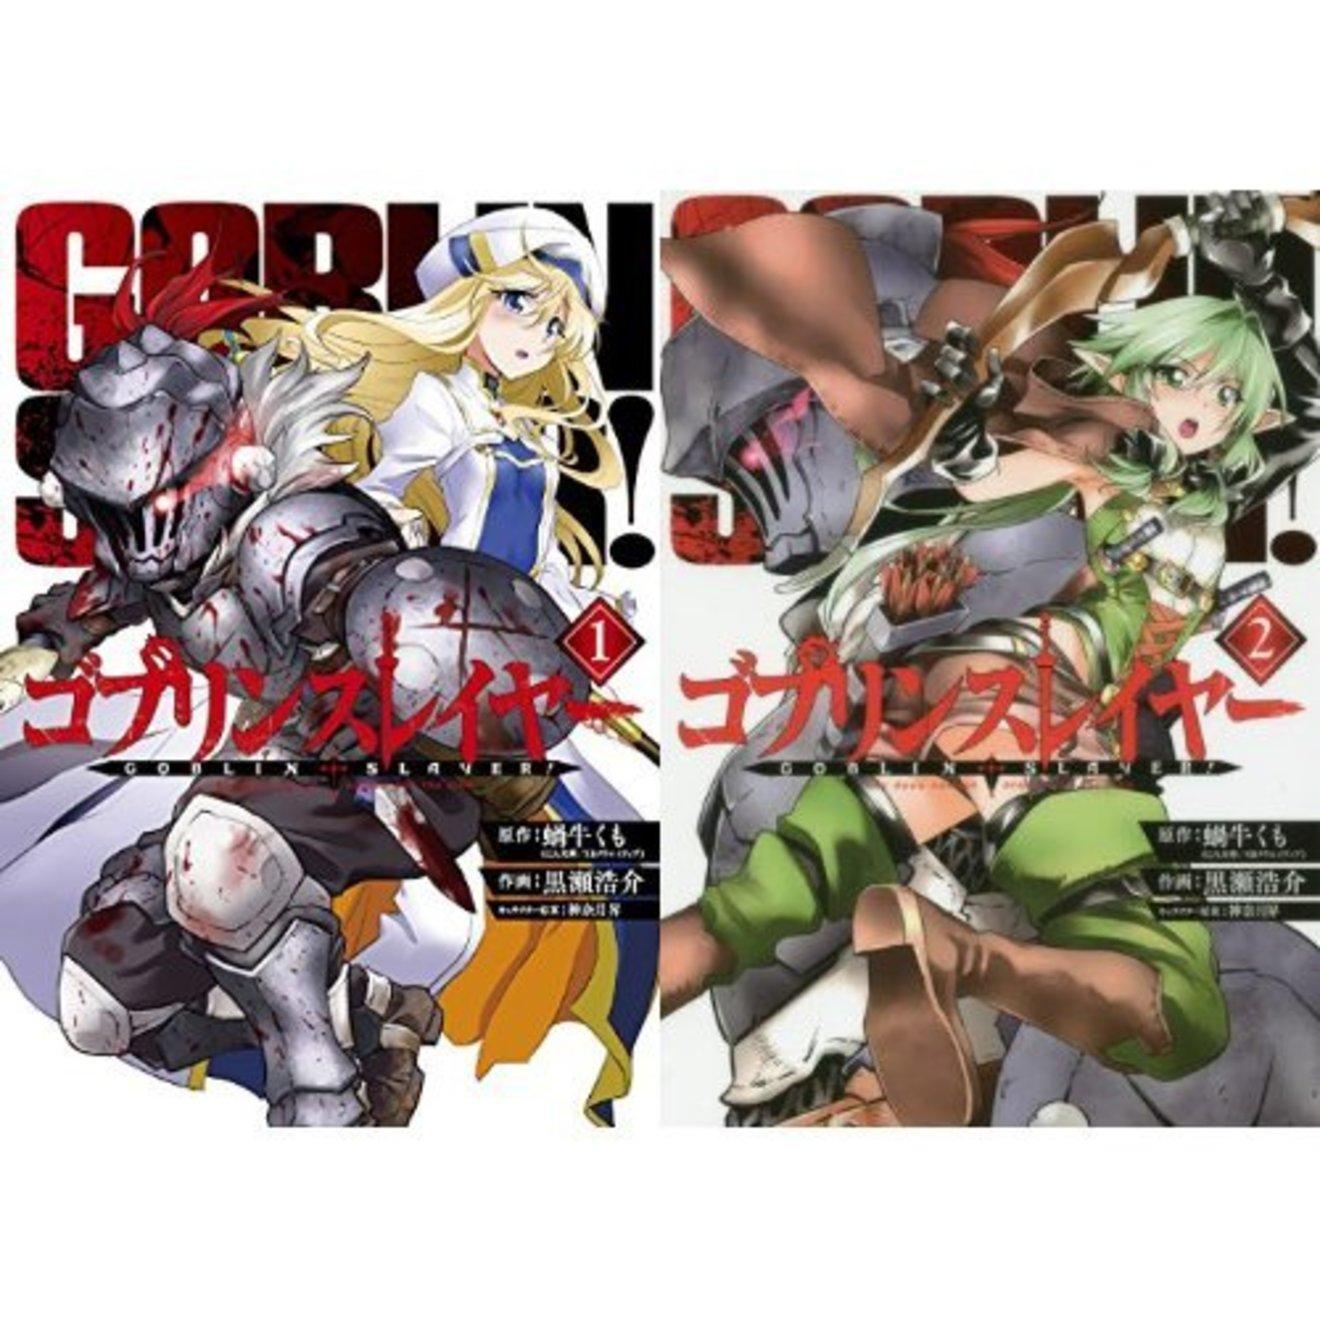 漫画『ゴブリンスレイヤー』全5巻ネタバレ紹介!村を襲い、女を襲うゴブリンへの復讐劇